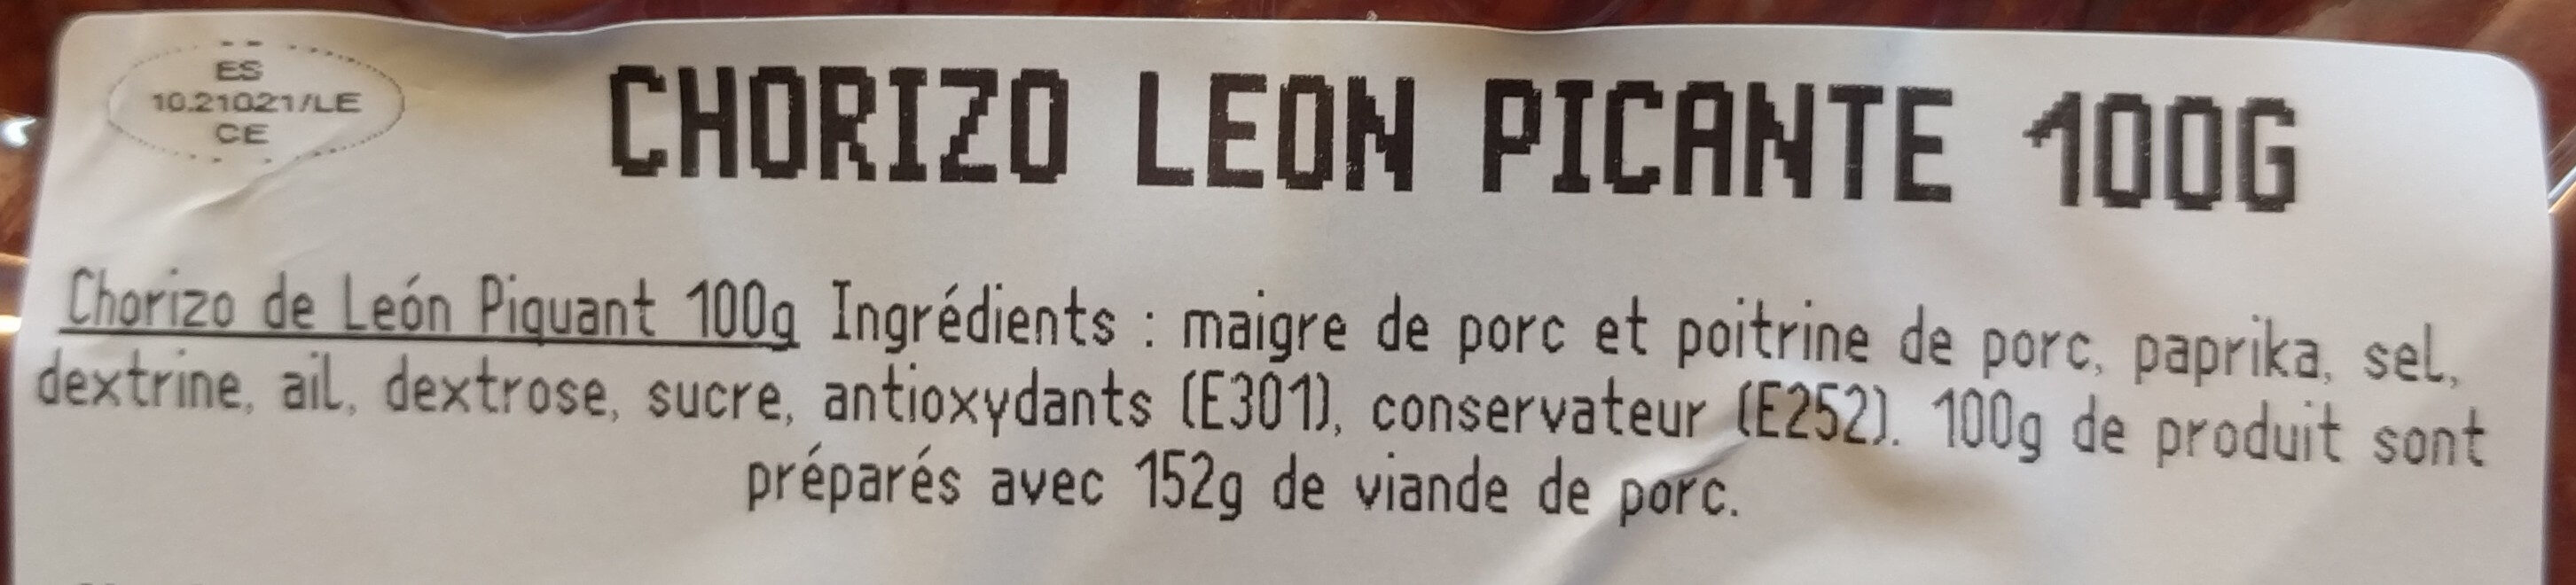 Chorizo de Leon picante - Ingrediënten - fr